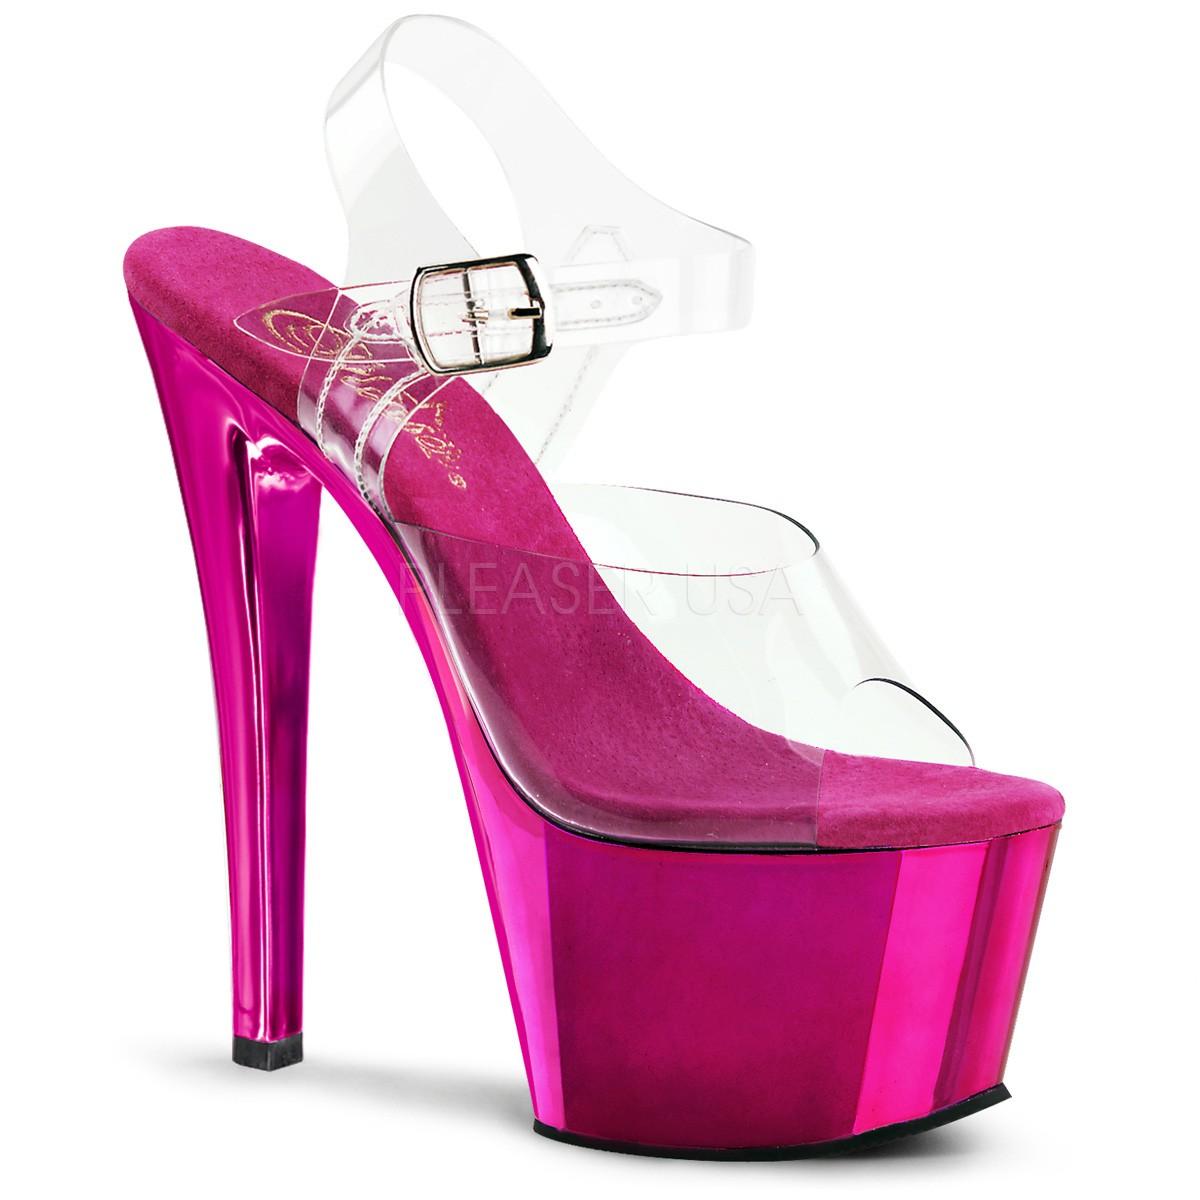 Sky 308 Clr / H. Pink